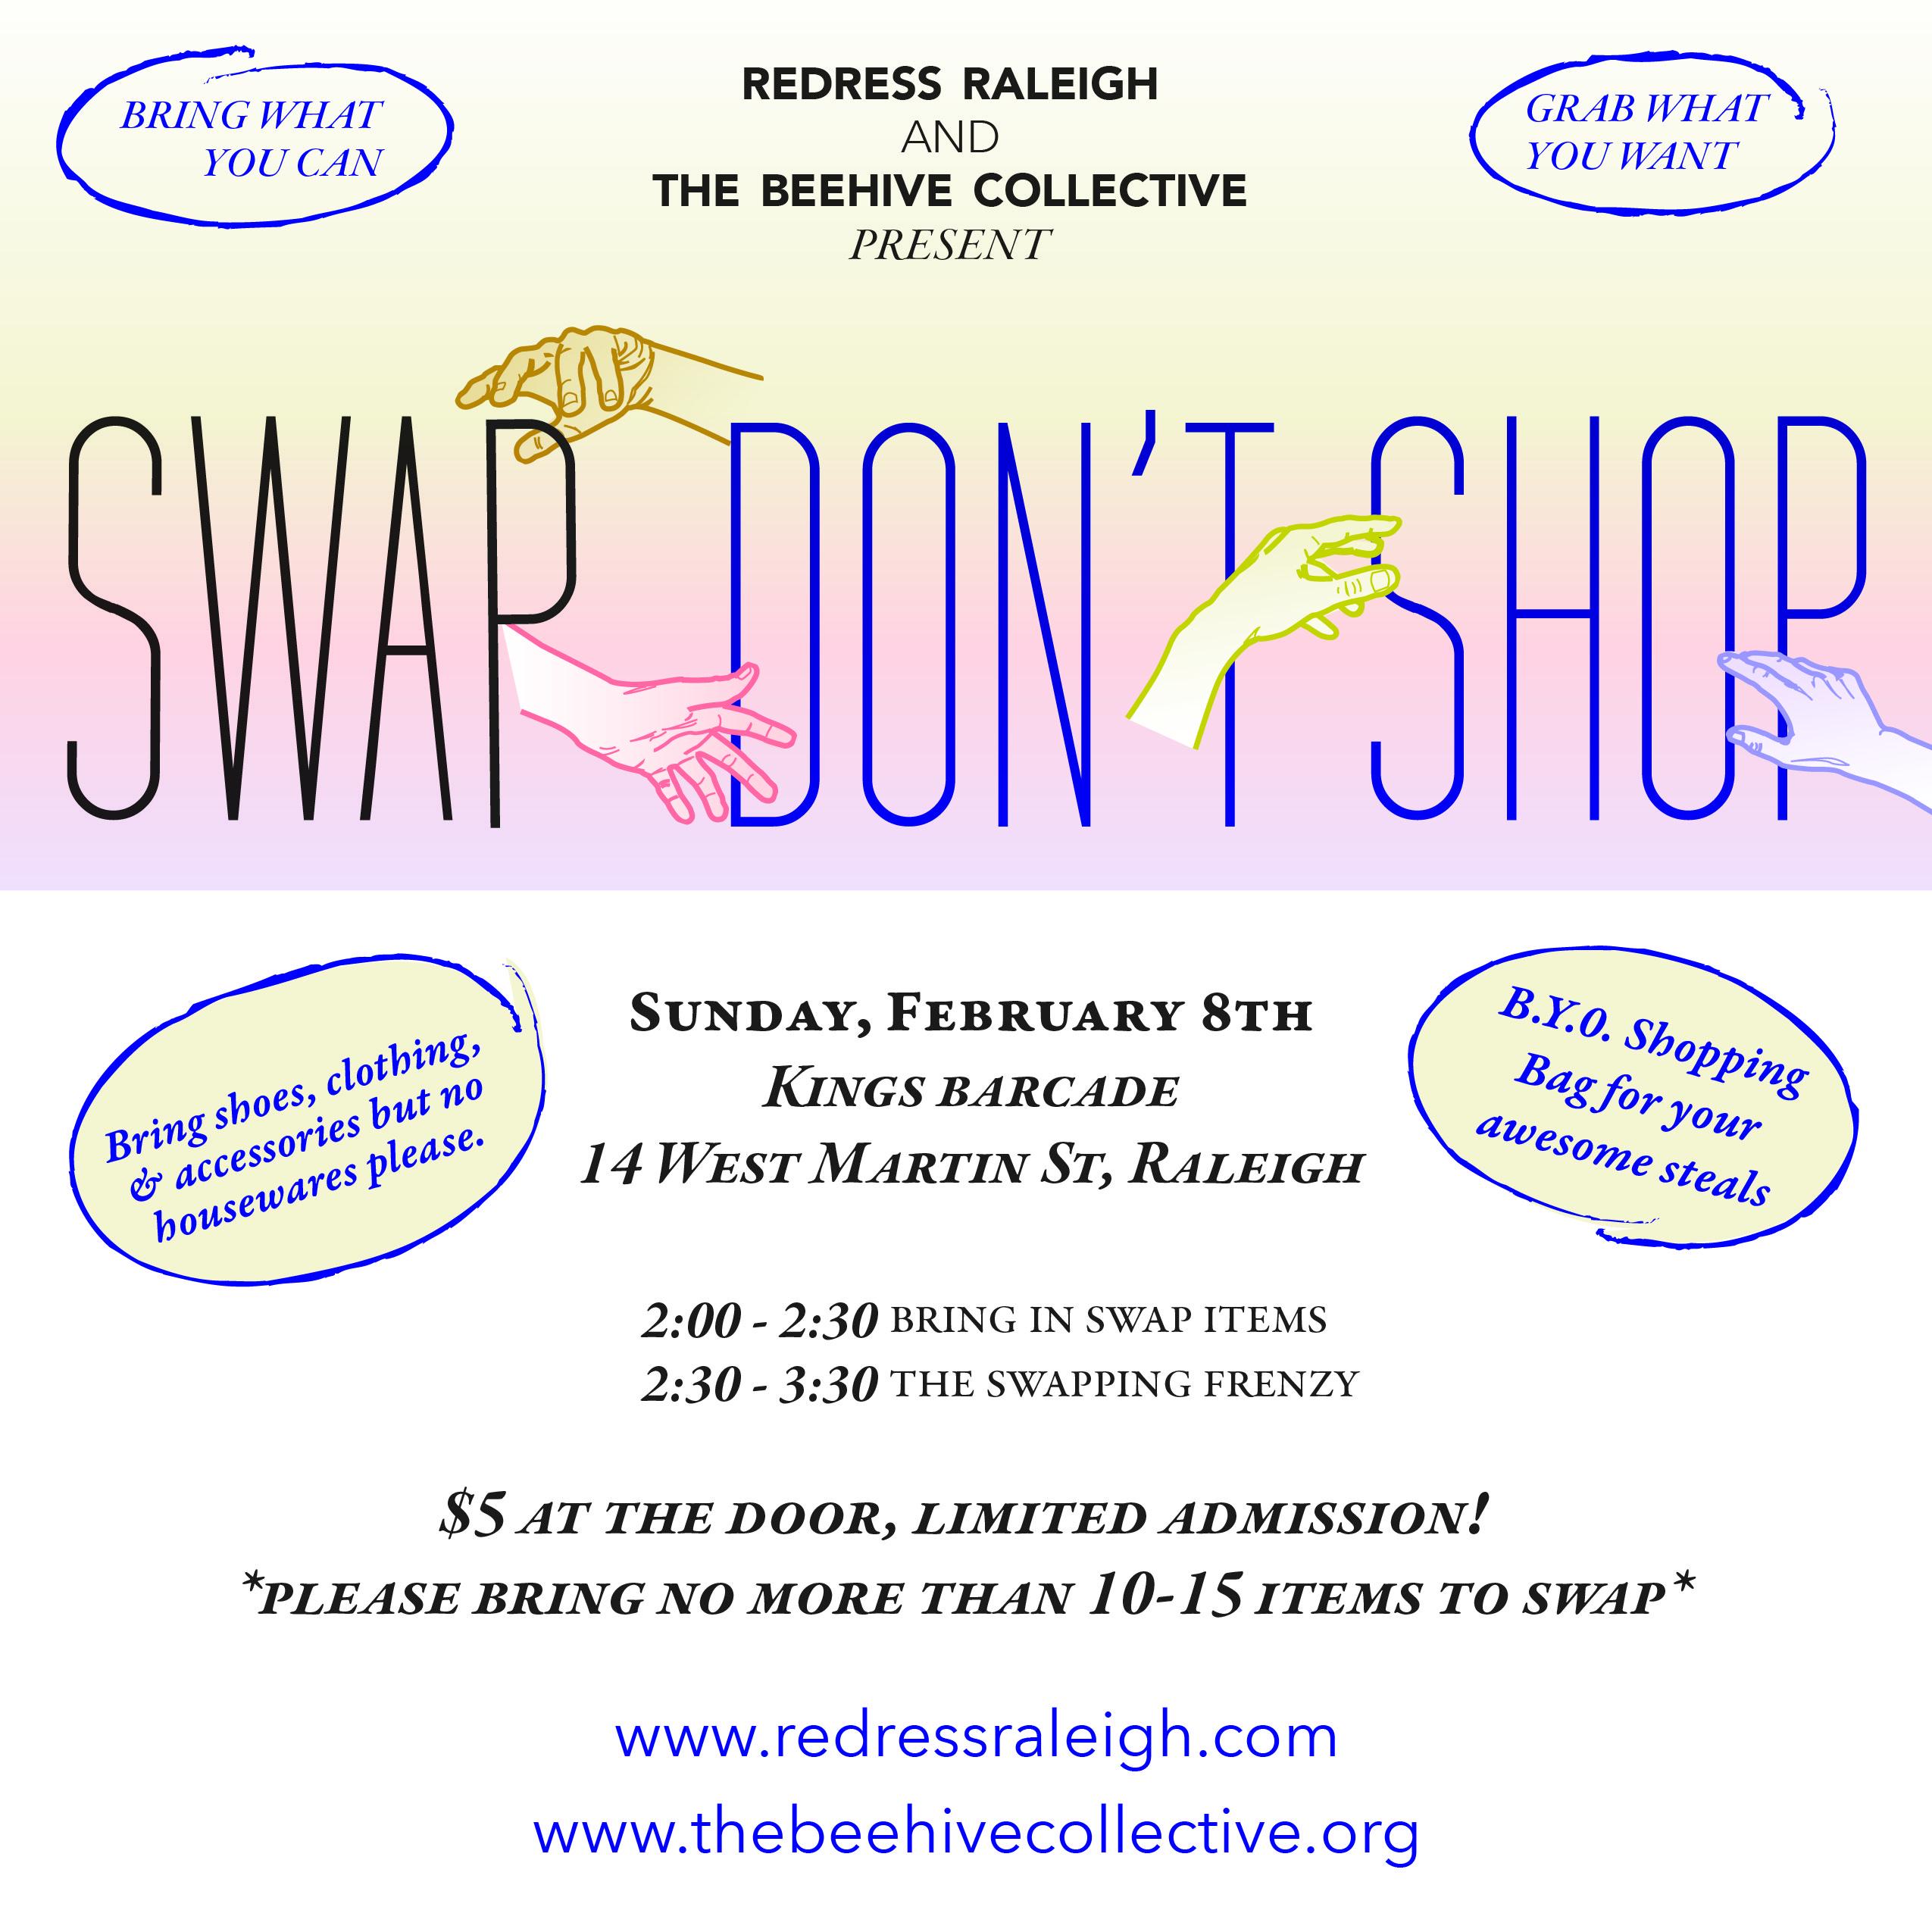 redress raleigh clothing swap meet